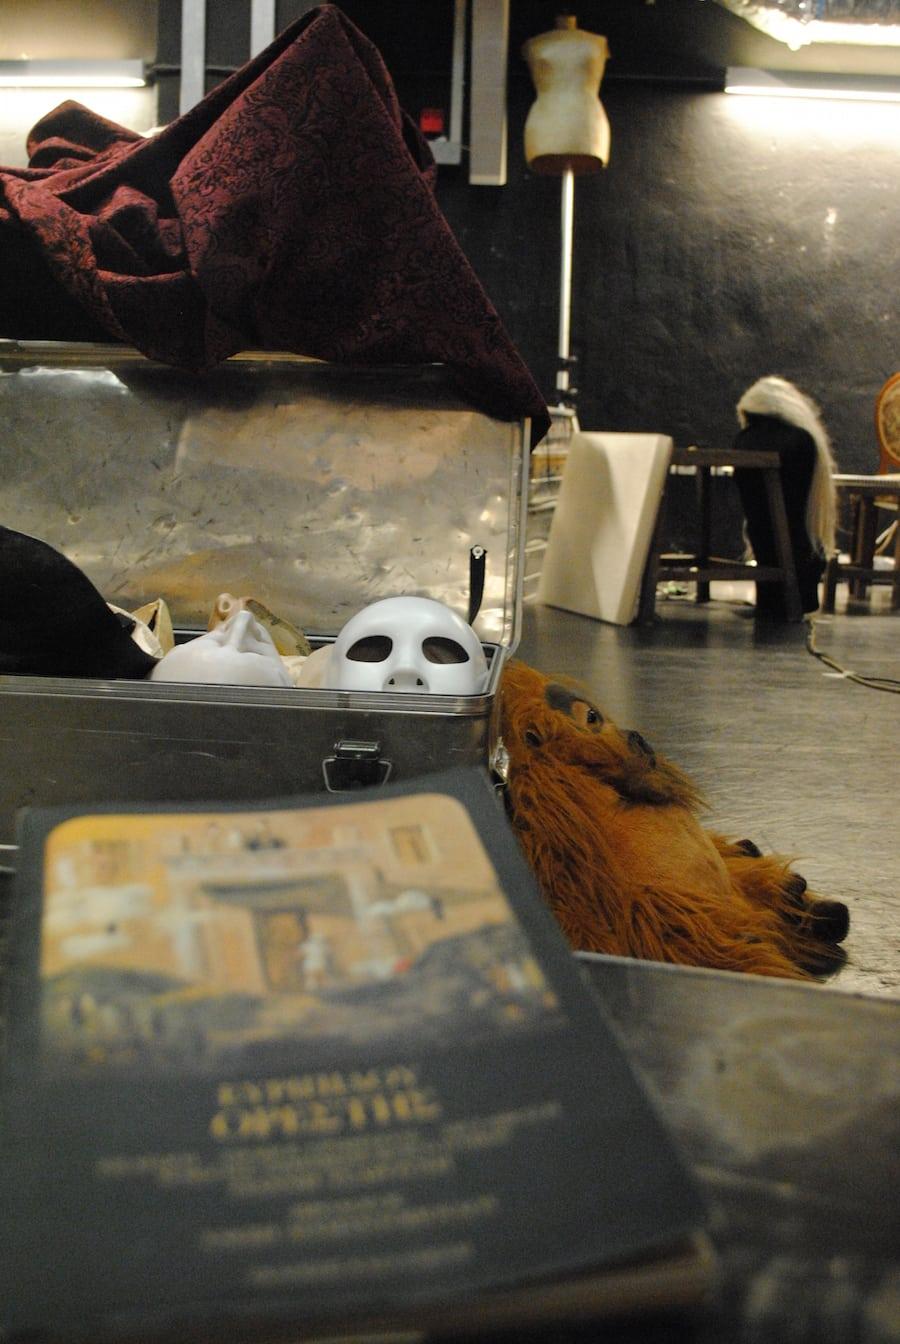 """Η συνέντευξη των 5: Βαλάσογλου, Κακάλας, Κούζα, Λάλος και Μαυρίδου αναλύουν την περίπτωση """"Ορέστης"""" και άλλα…"""